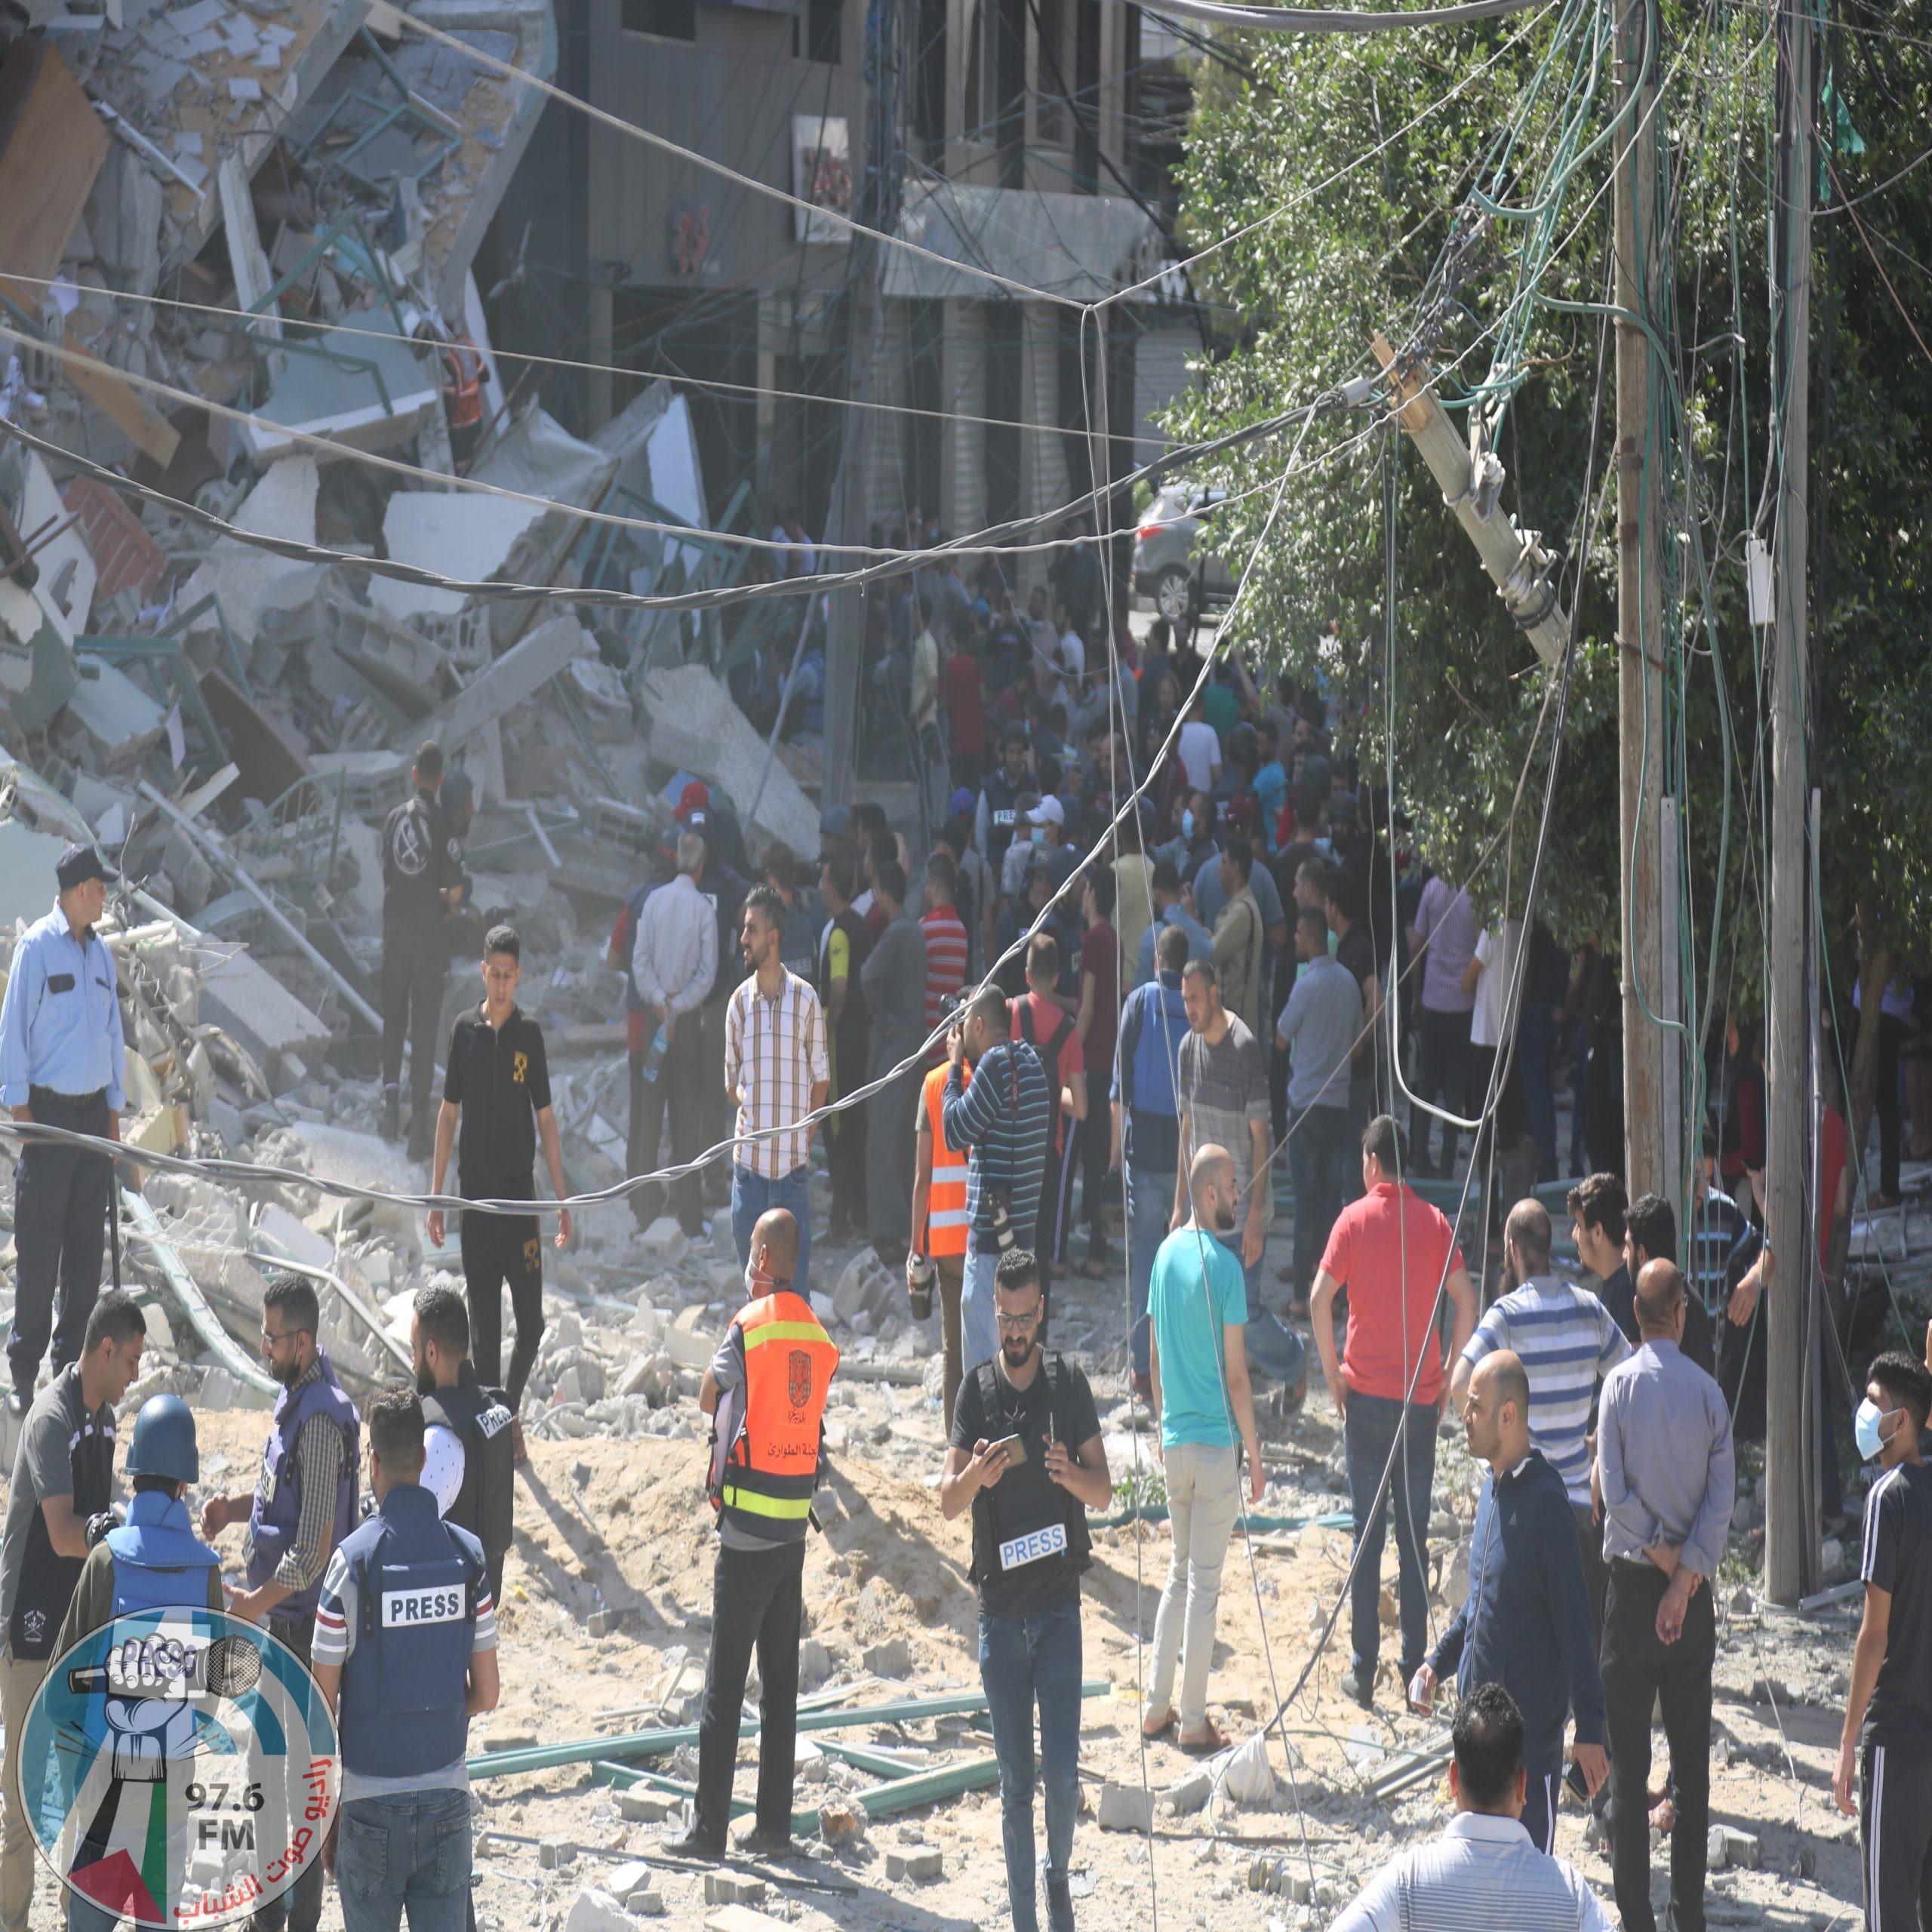 انتشال جثامين 3 شهداء غرب غزة يرفع الحصيلة منذ فجر اليوم إلى 7